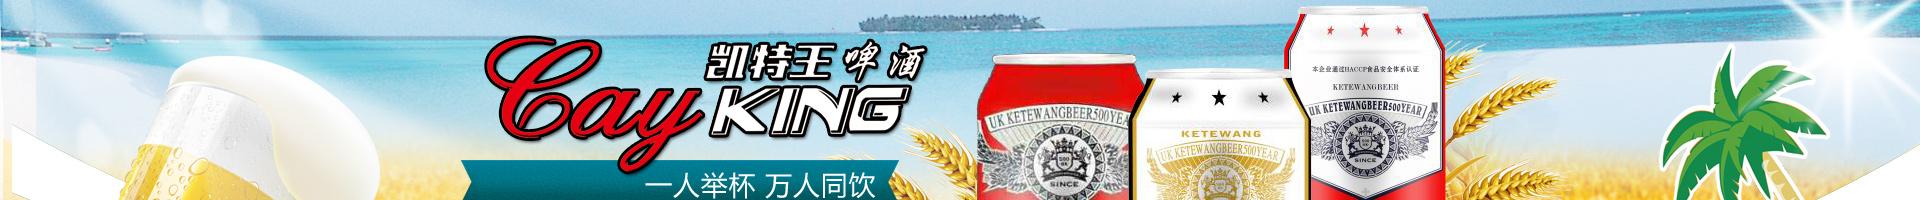 凯特王(湖南)酒业有限公司